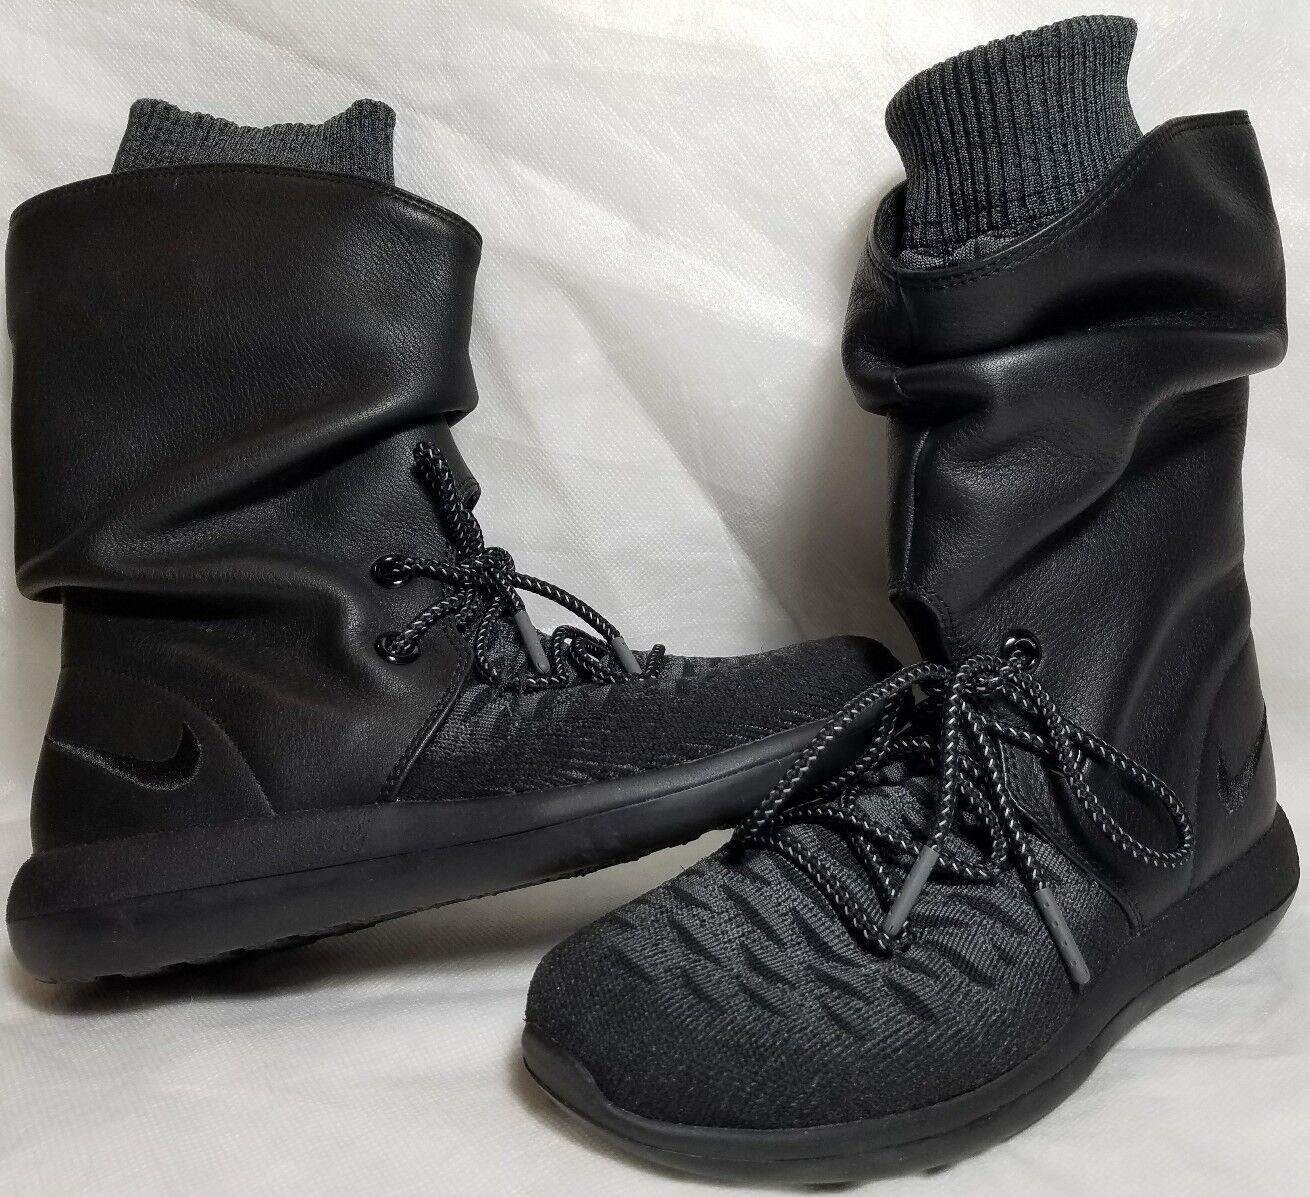 Nuova Nike Roshe 2 Flyed  donna Dimensione 5 - 7.5 Leather nero grigio avvio 861708 001  risparmia il 60% di sconto e la spedizione veloce in tutto il mondo